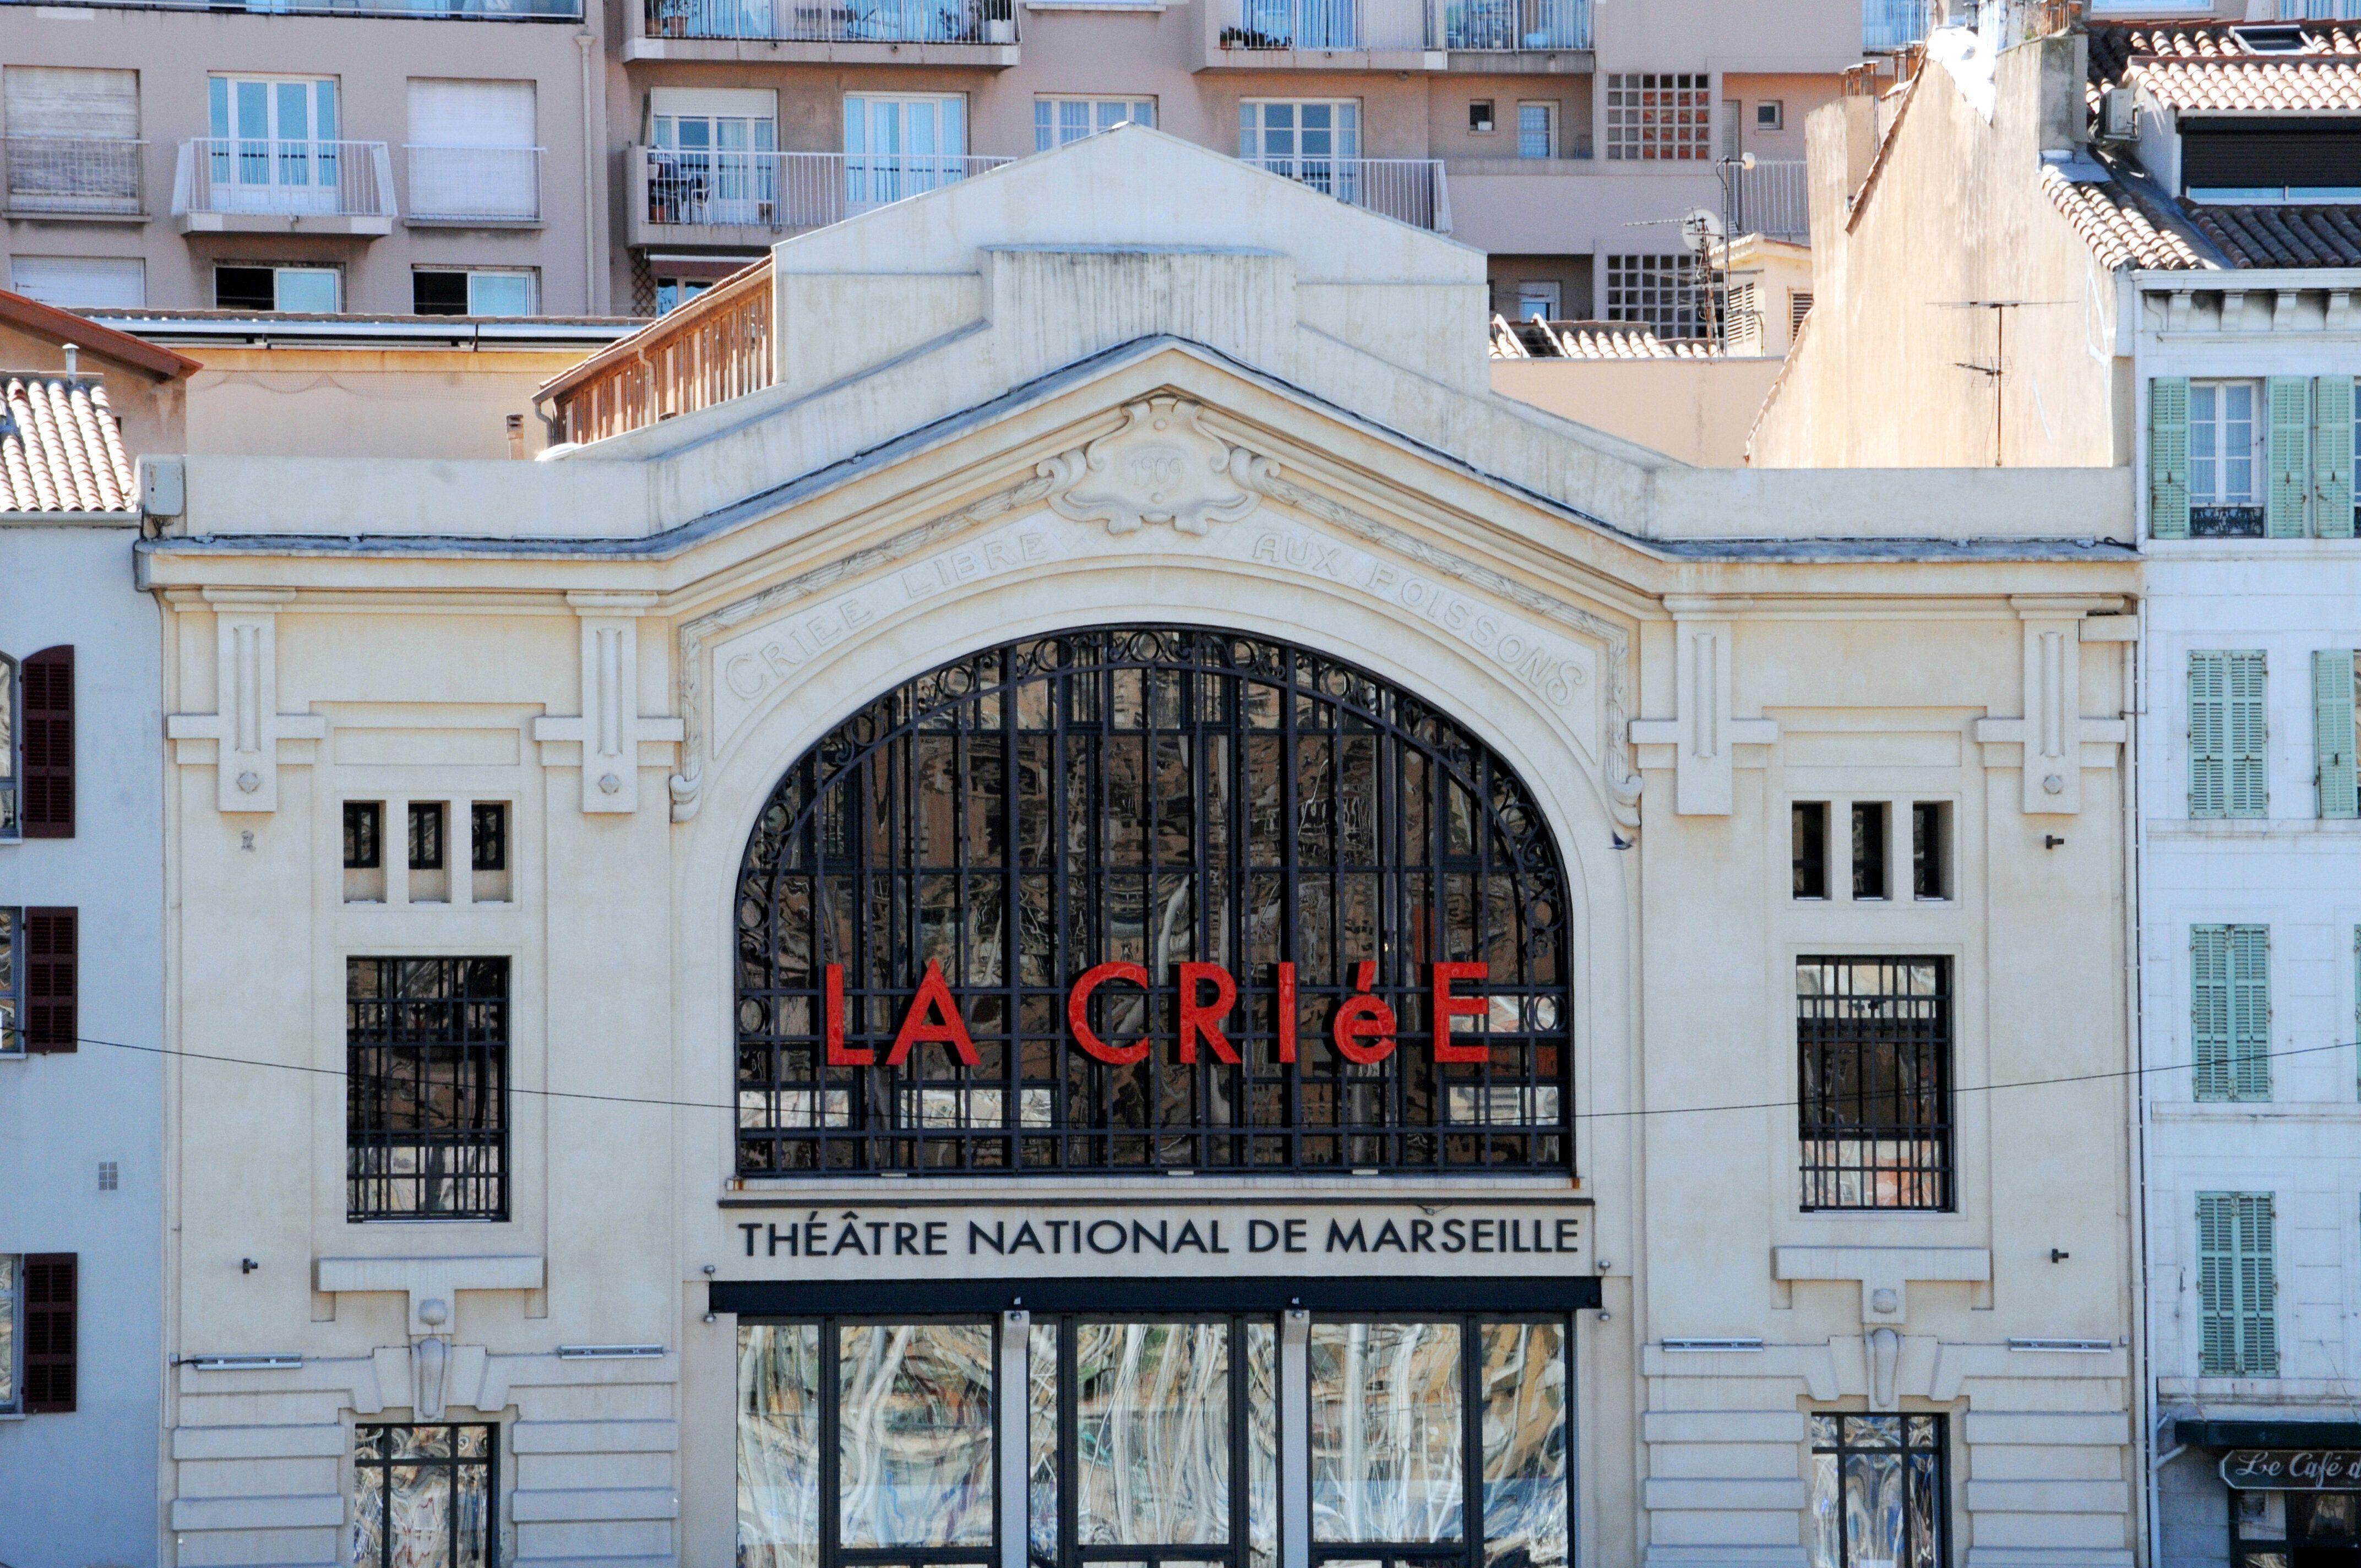 Le théâtre National de la Criée à Marseille, dans les Bouches-du-Rhône, France. (Photo by Jean-Marc CHARLES/Gamma-Rapho...